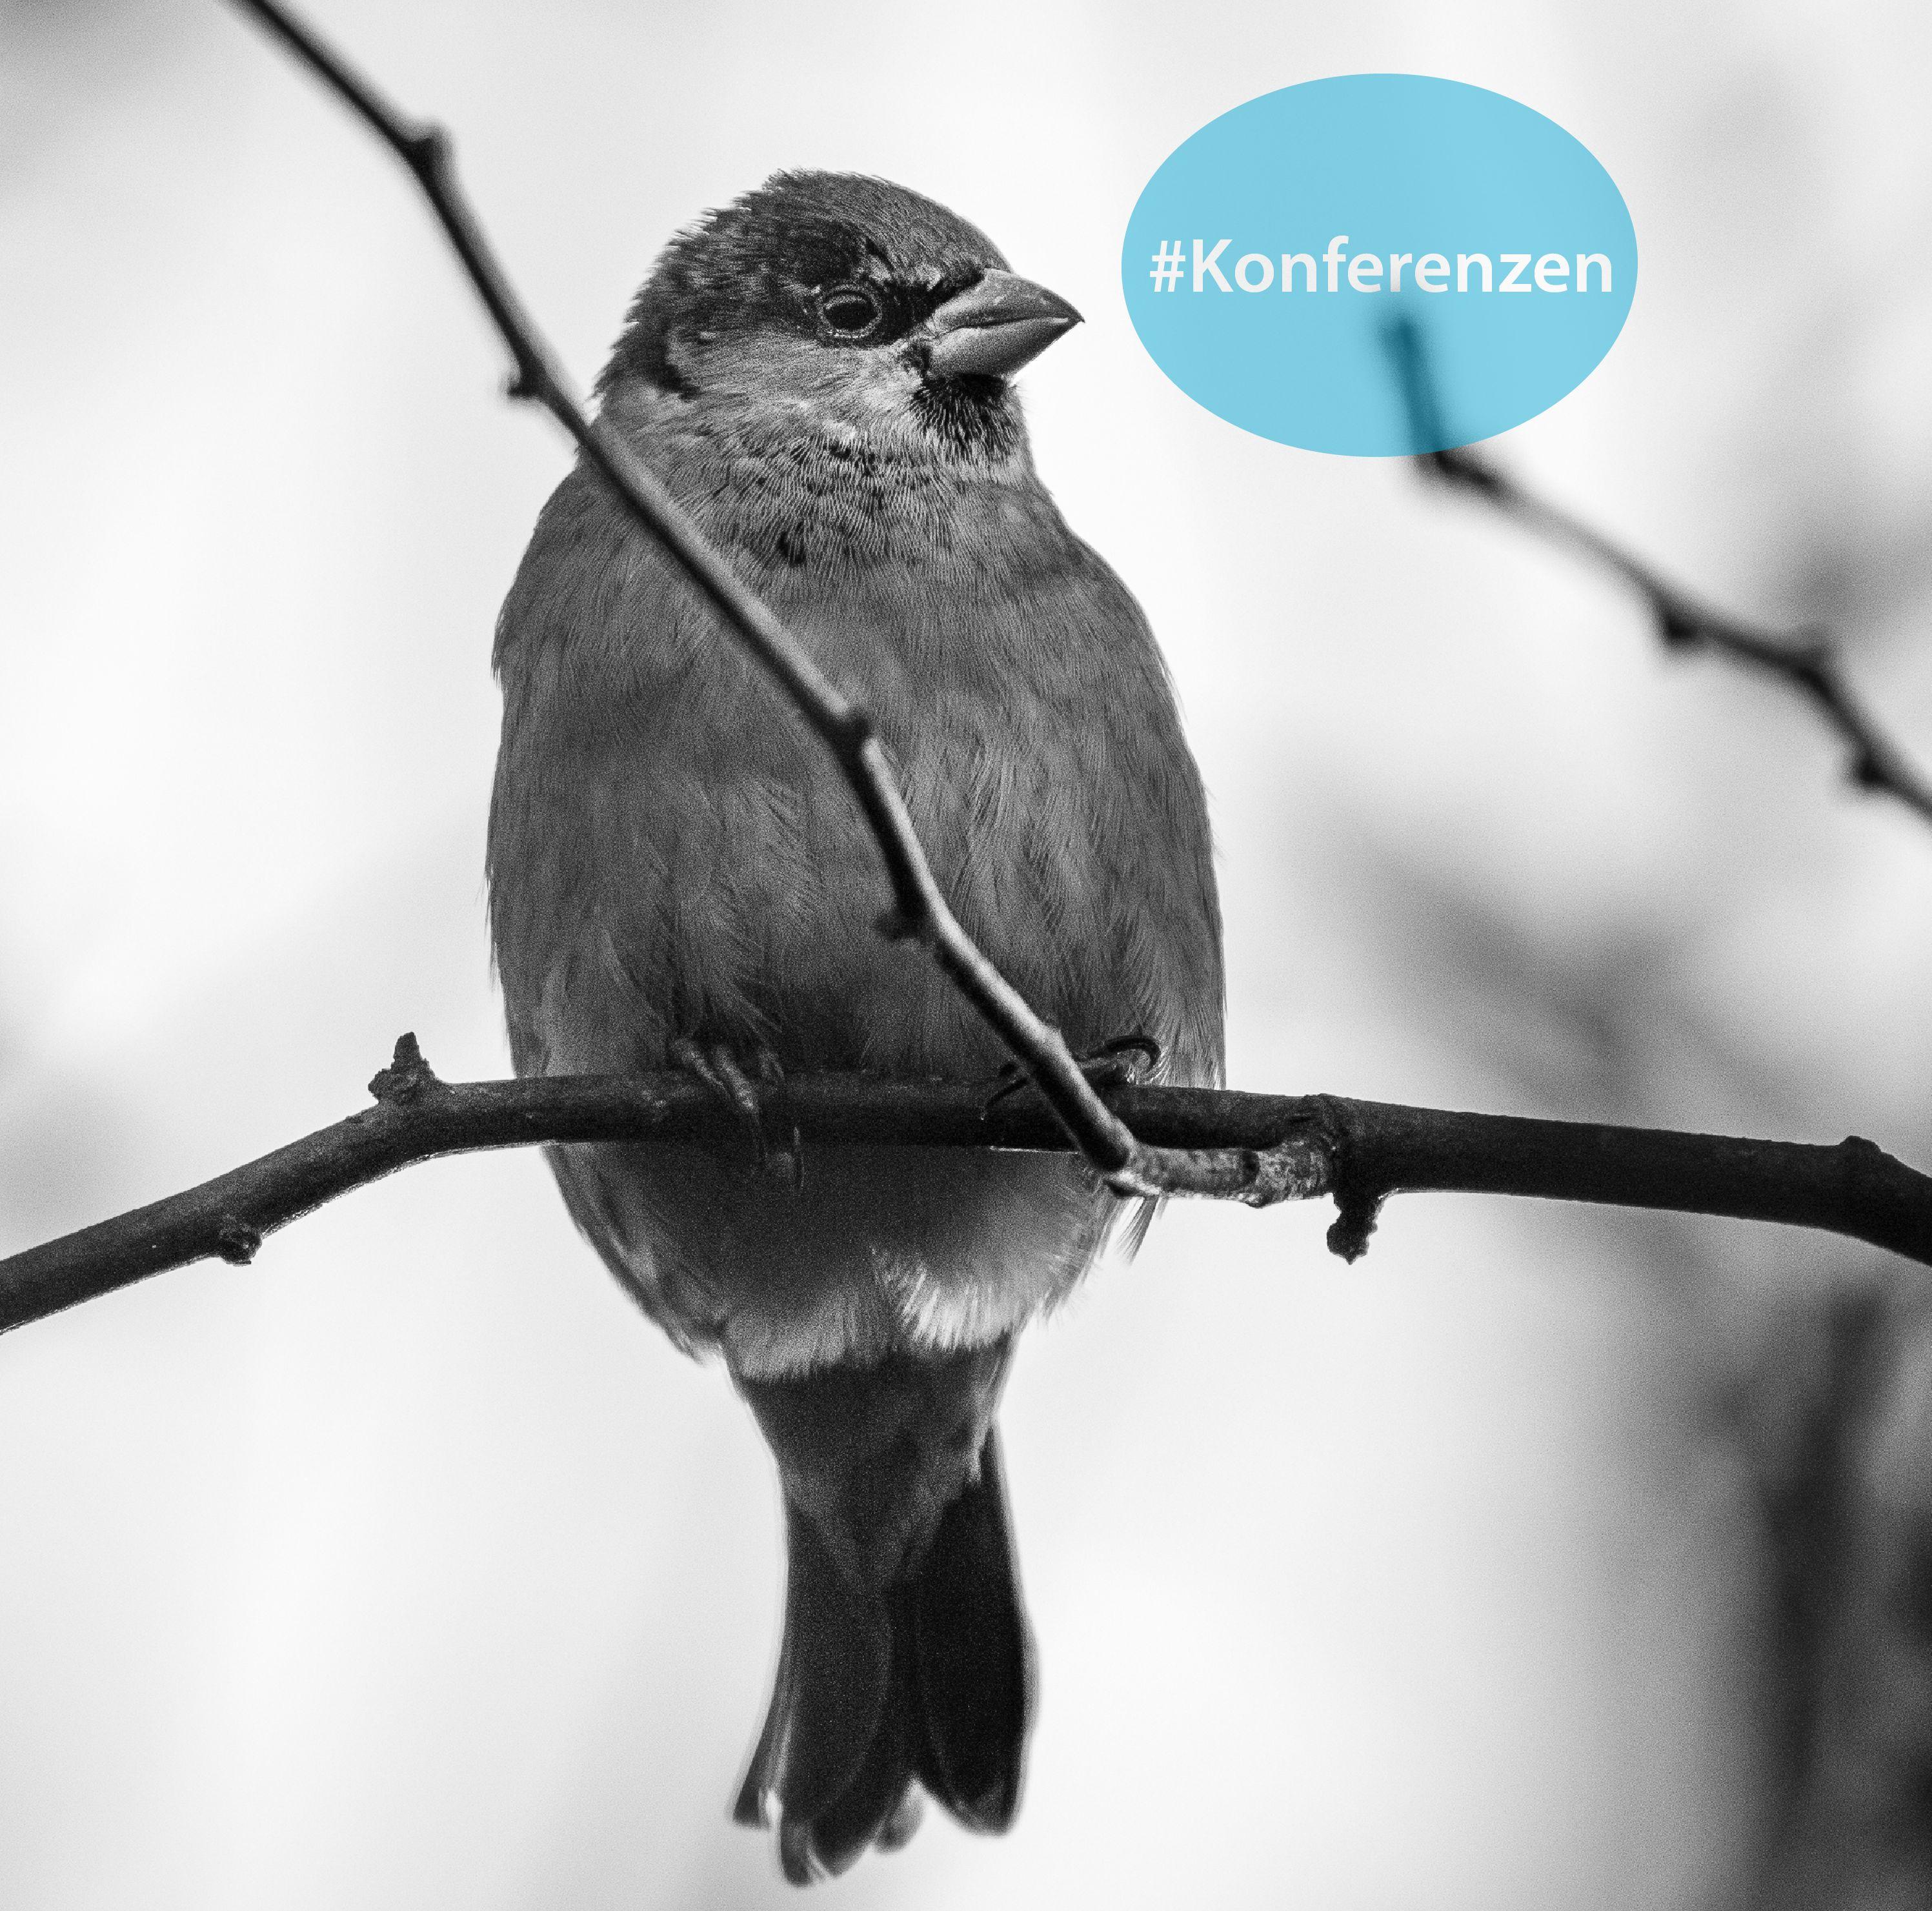 TwitterTechcomm